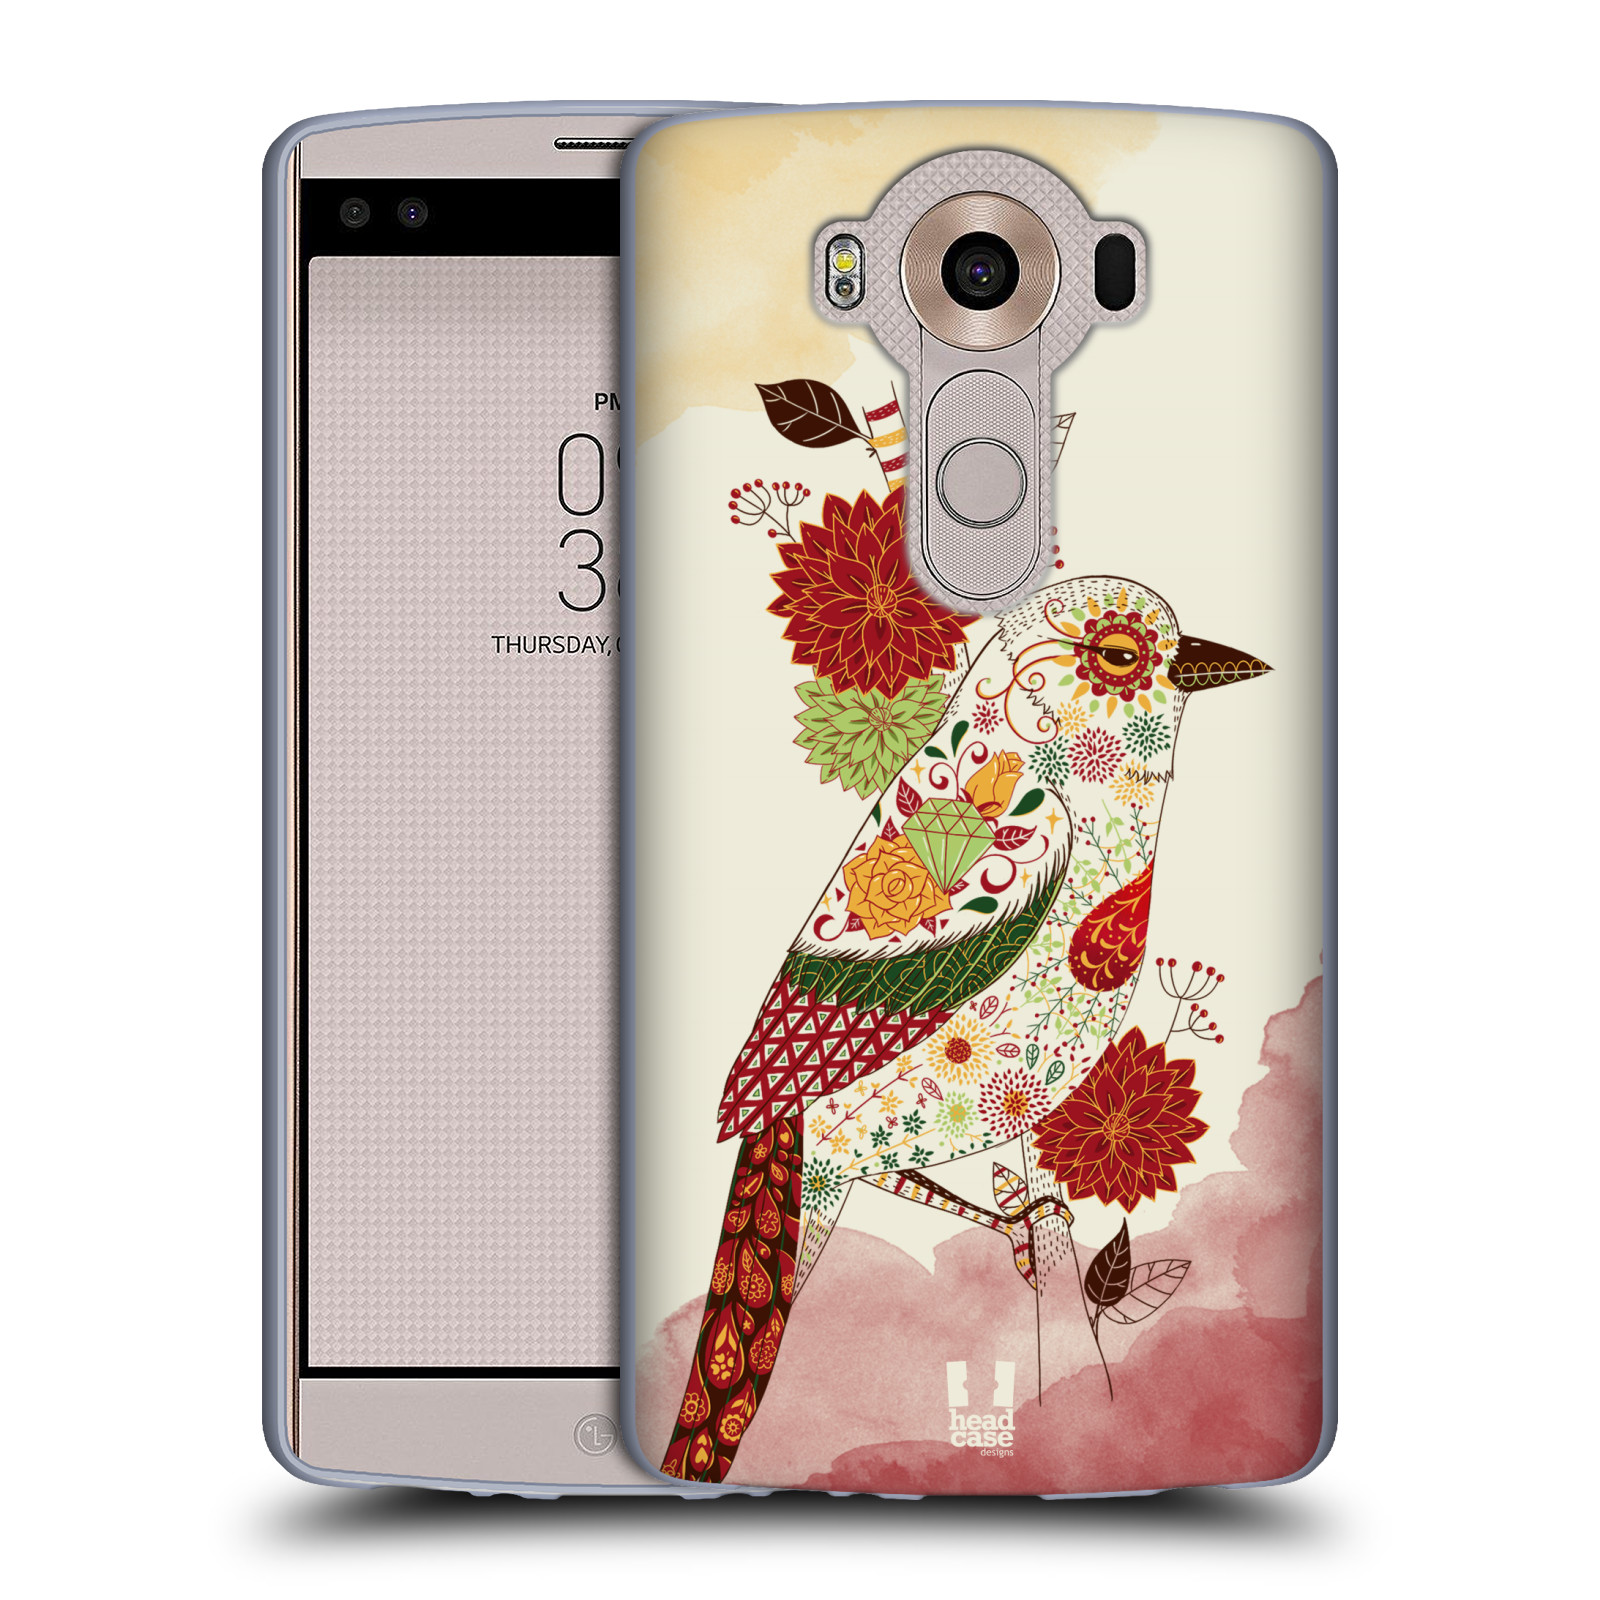 HEAD CASE silikonový obal na mobil LG V10 (H960A) vzor Květina ptáčci RUDÁ